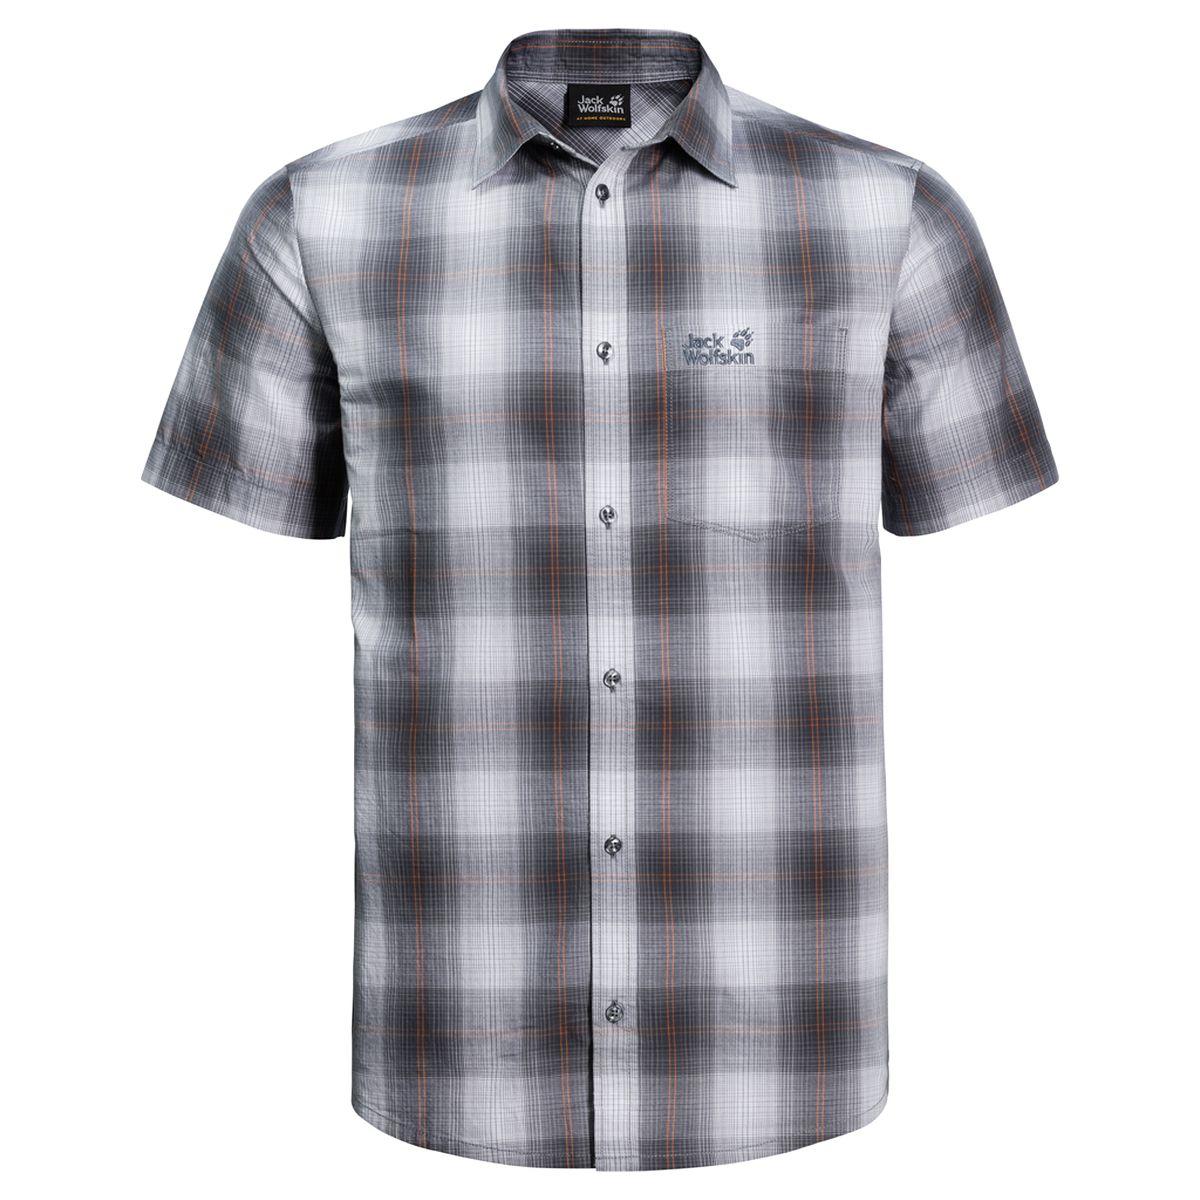 Рубашка Jack Wolfskin рубашка jack wolfskin jack wolfskin hot chili женская